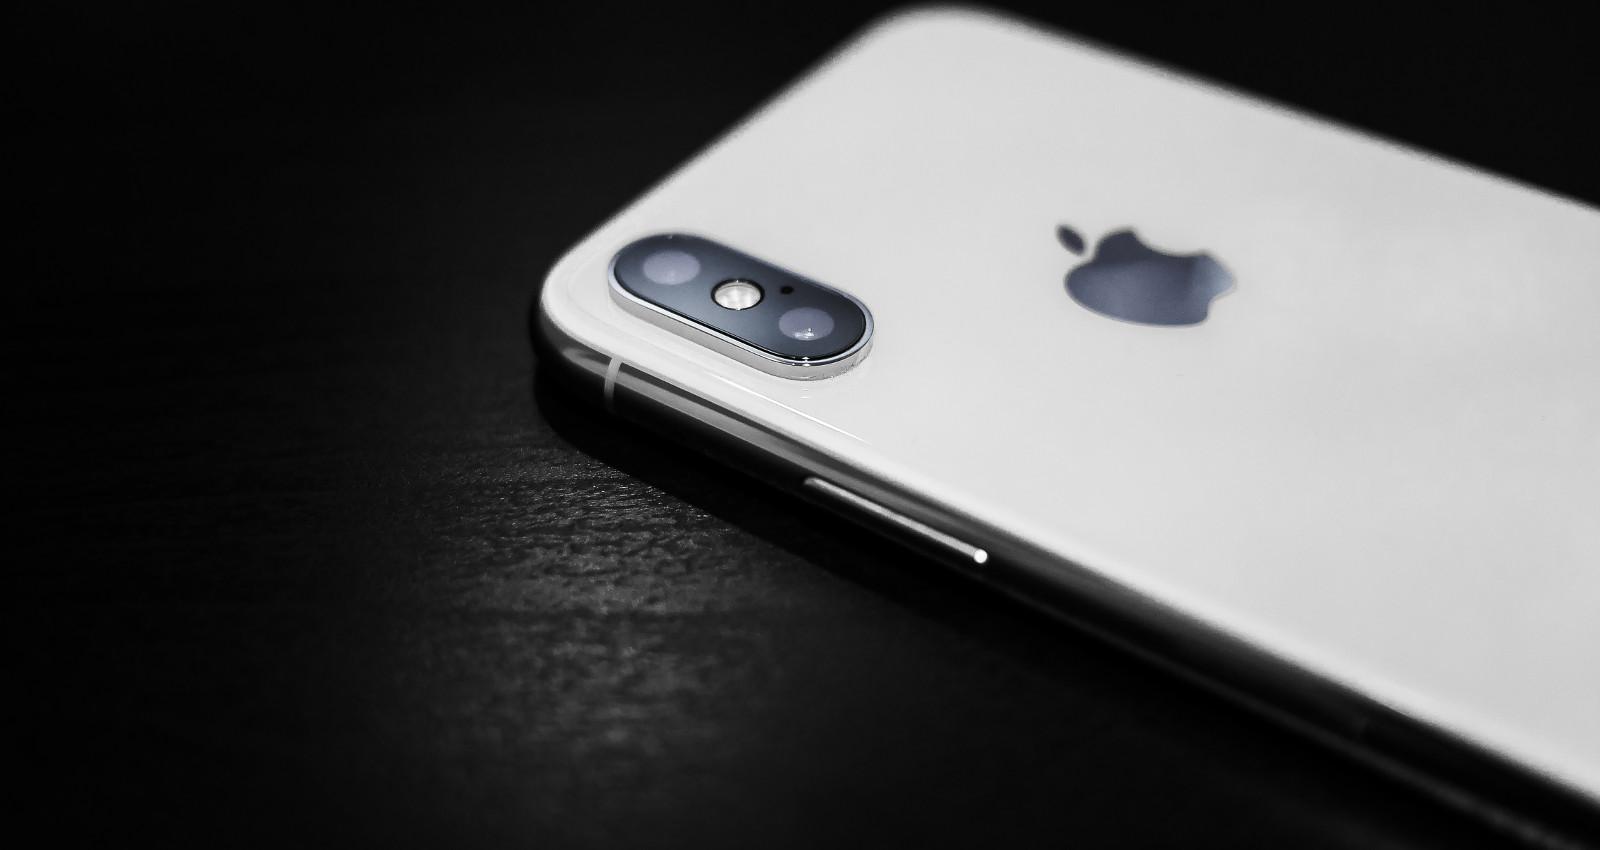 Yubico Authenticator: NFC-Schnittstelle auf dem iPhone jetzt nutzbar